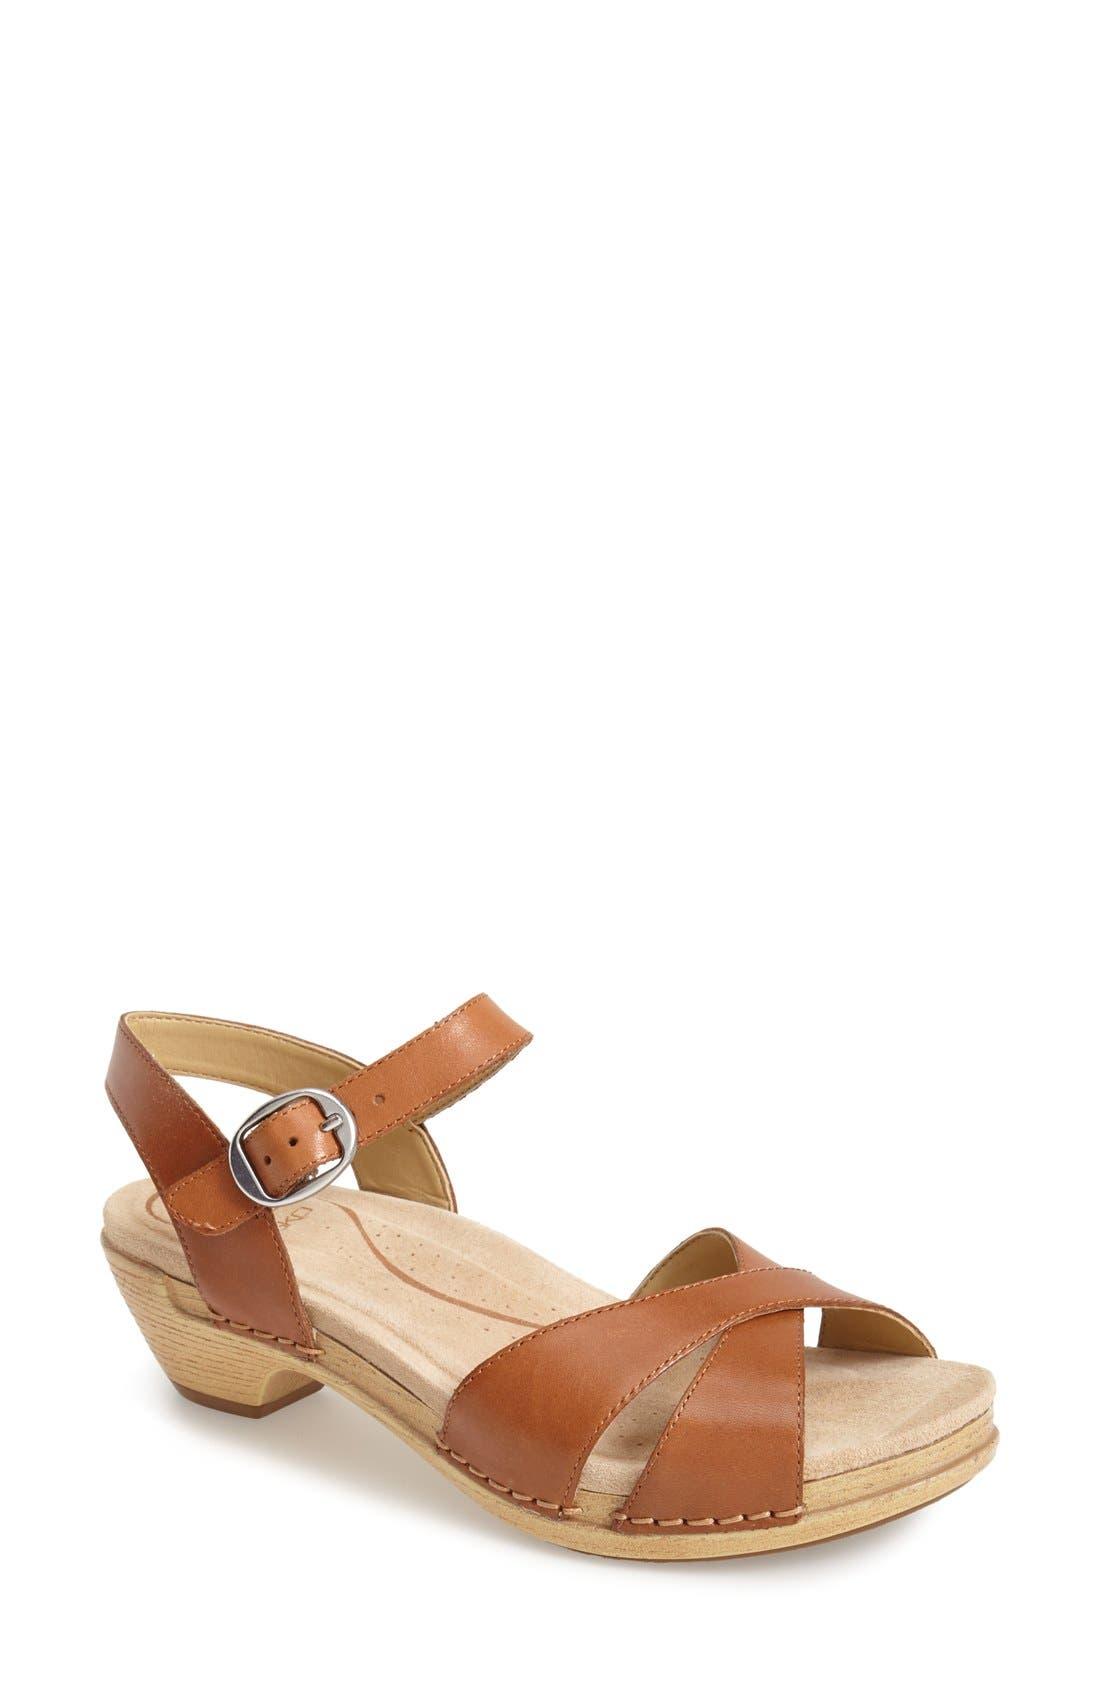 Alternate Image 1 Selected - Dansko 'Larissa' Sandal (Women)